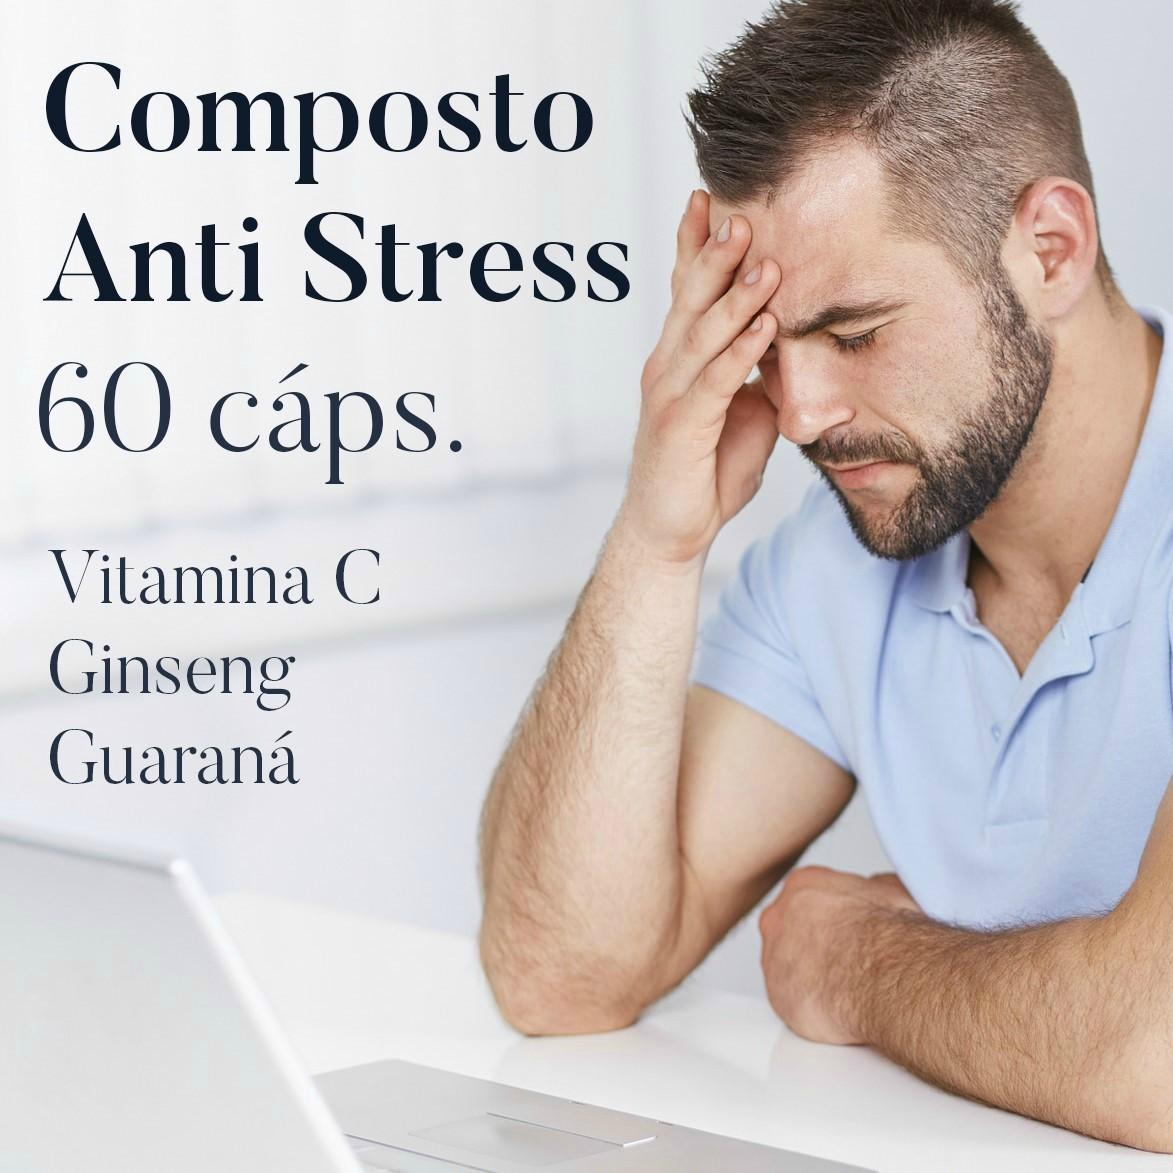 Composto Anti Stress - 60 cápsulas   - Bulla Farmácia de Manipulação